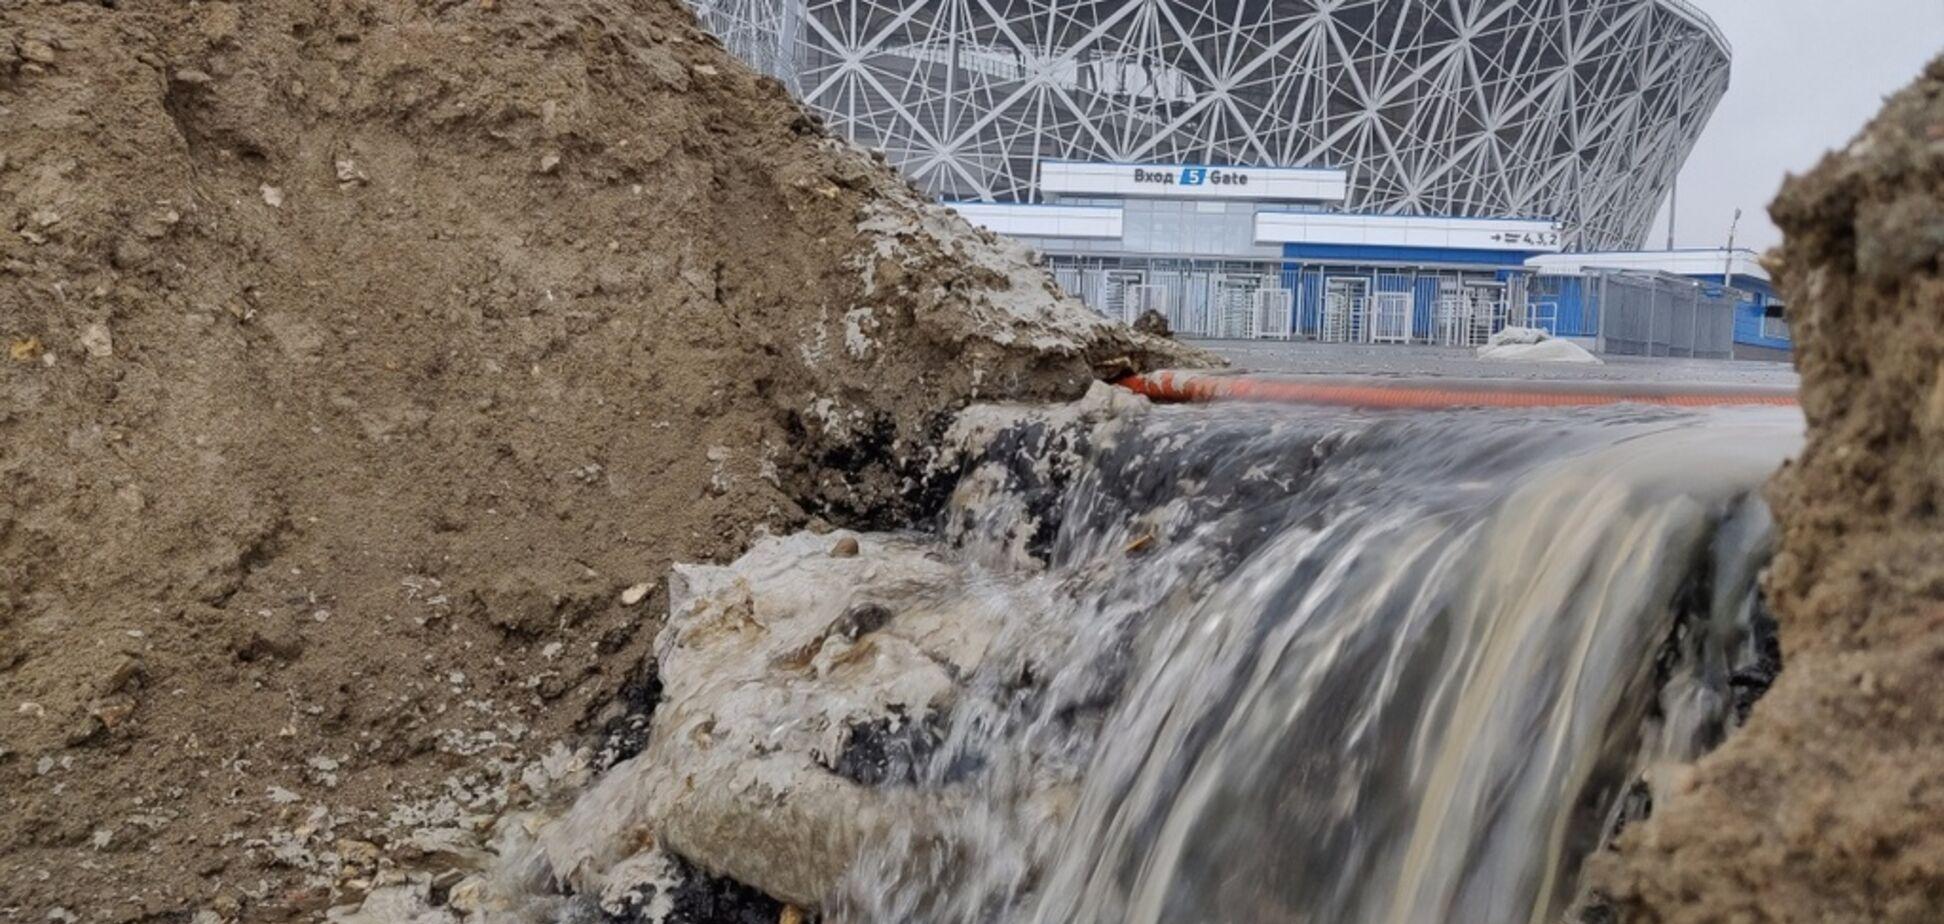 В России легкий дождь ''размыл'' стадион ЧМ-2018 за 16 млрд